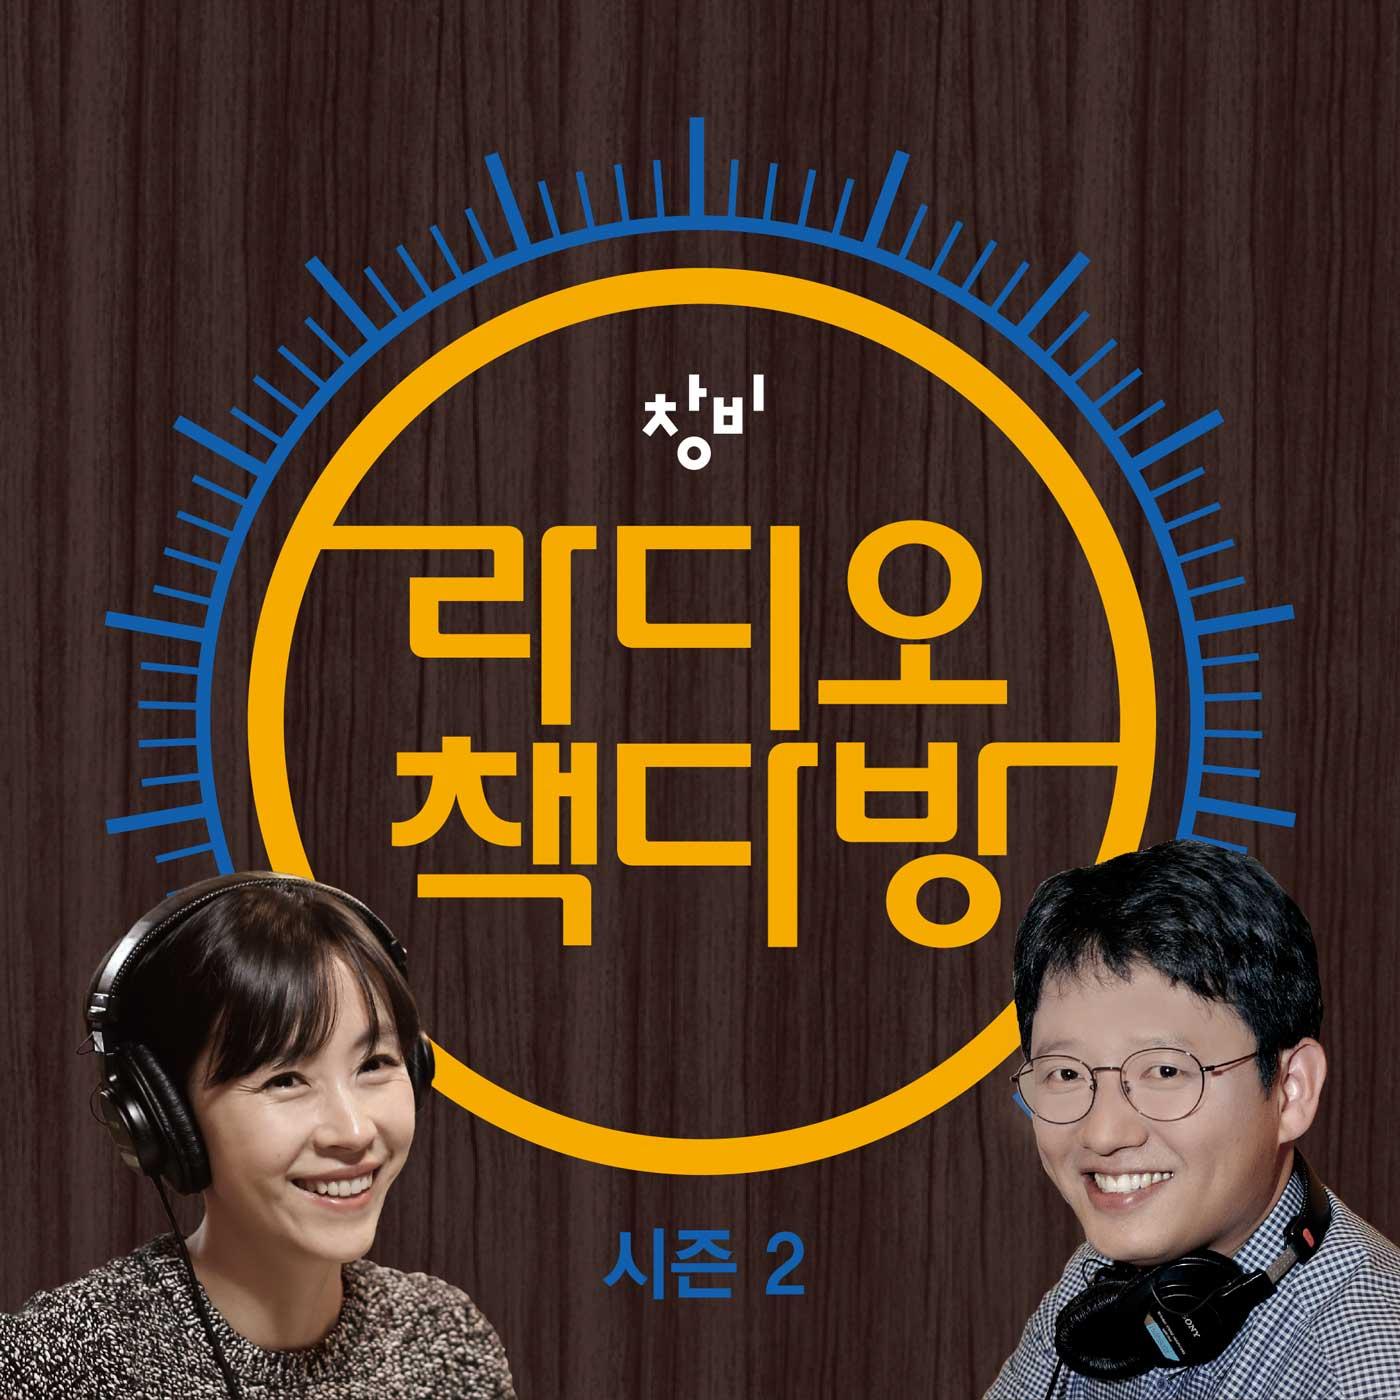 [창비라디오] 라디오 책다방 시즌 2